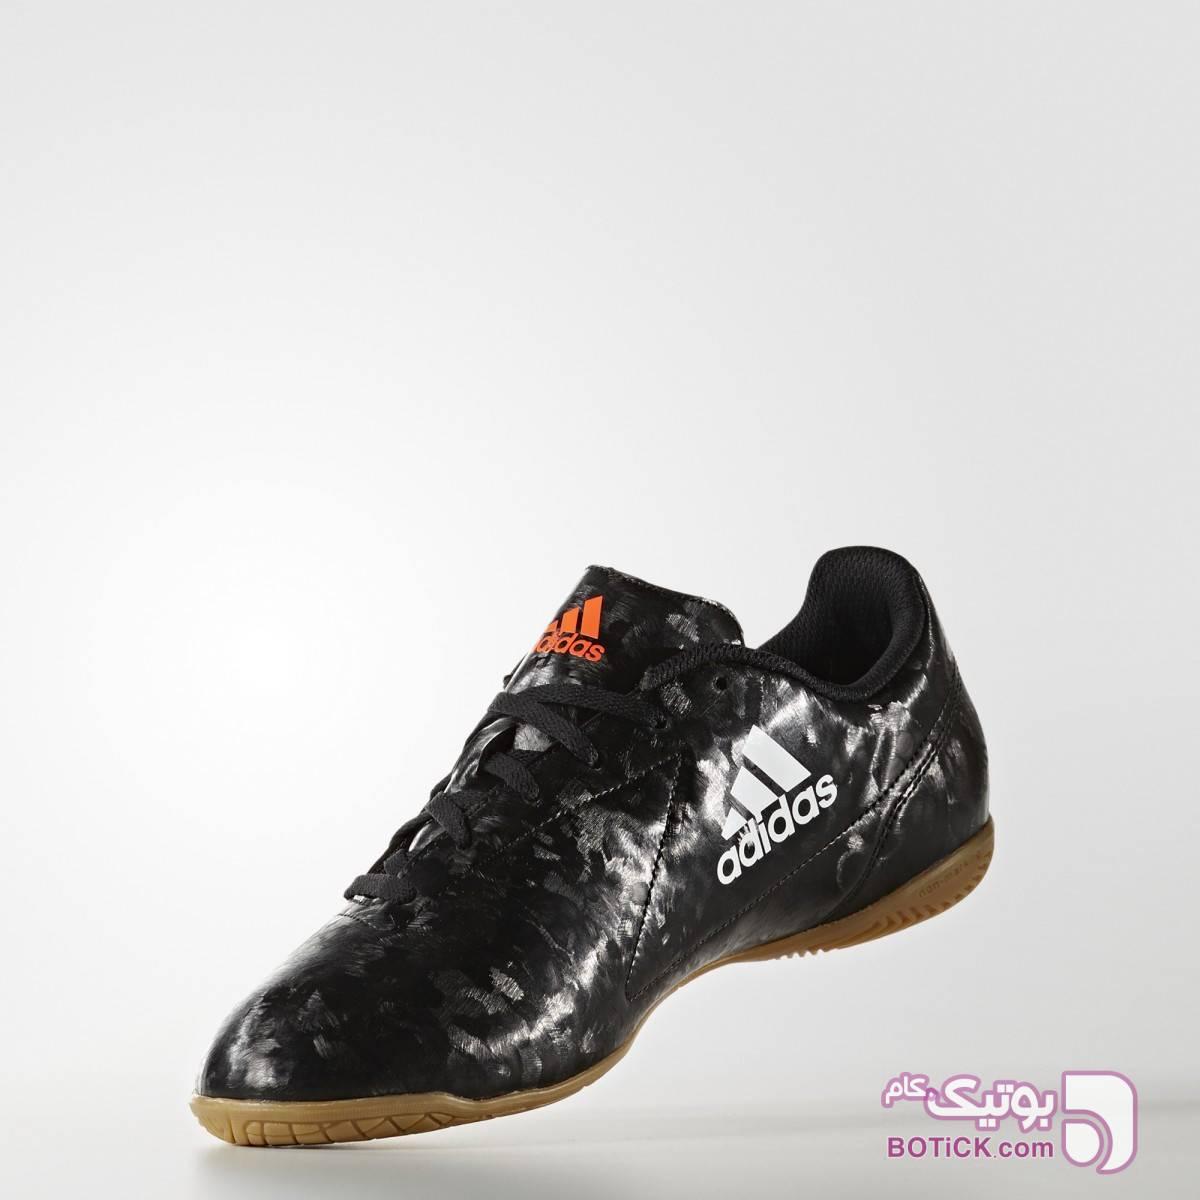 کفش و کتونی فوتسال مردانه آدیداس مدل Adidas bb0552  مشکی كتانی مردانه